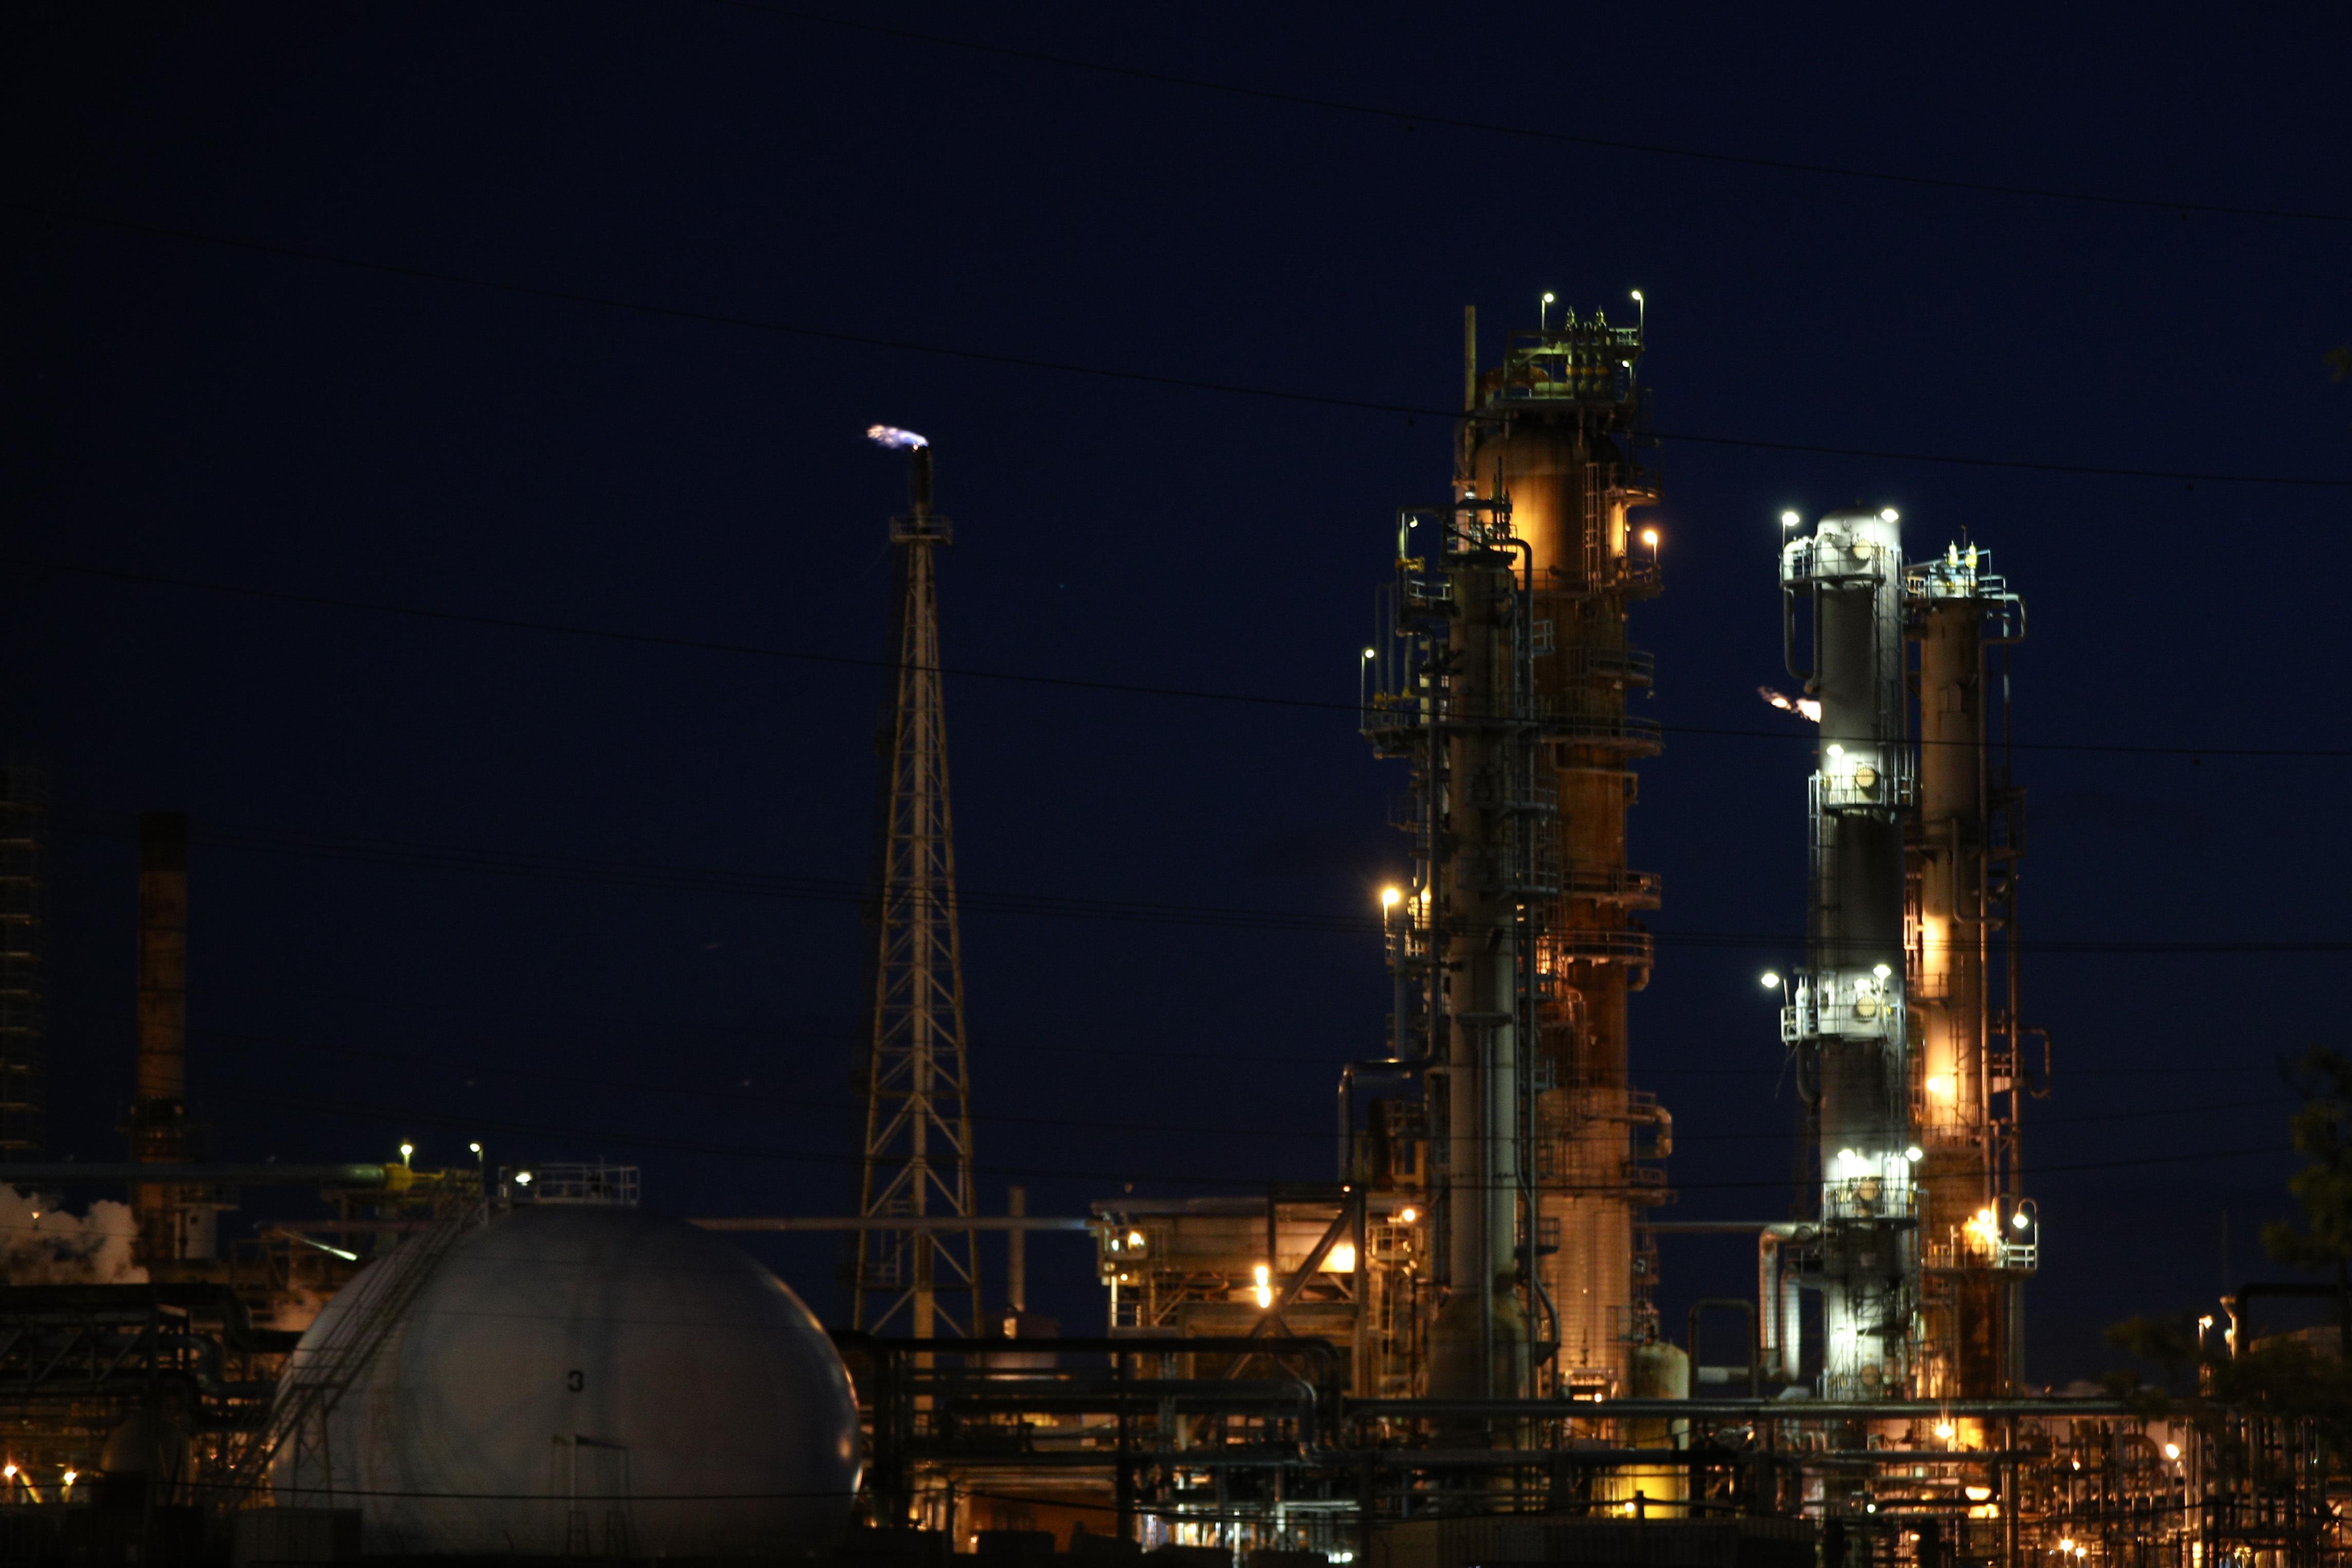 Brent oil price dives below $20 per barrel